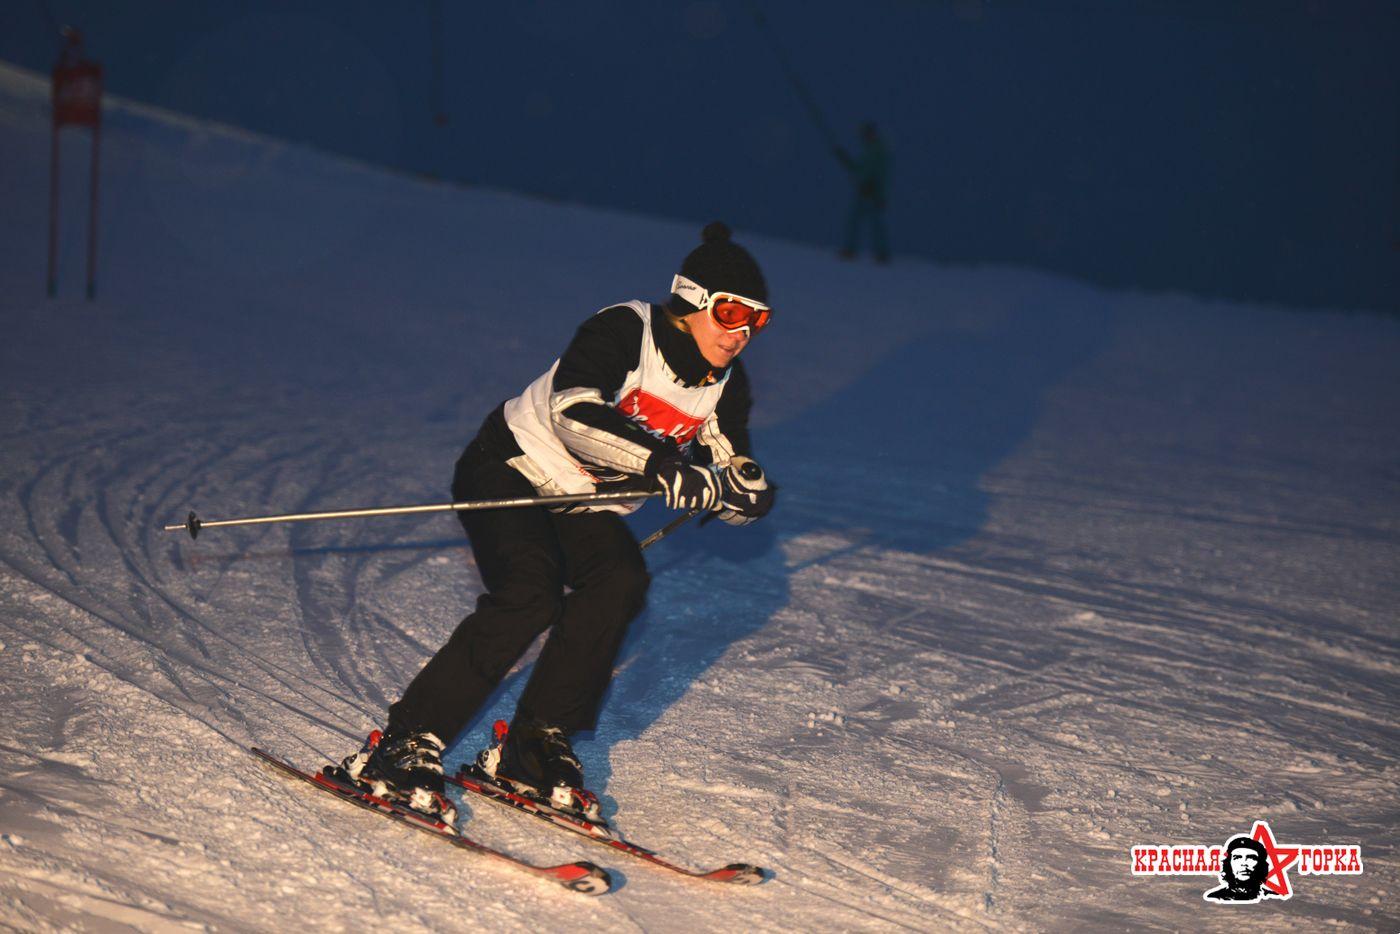 картинка лыжник с горки пышных дамах